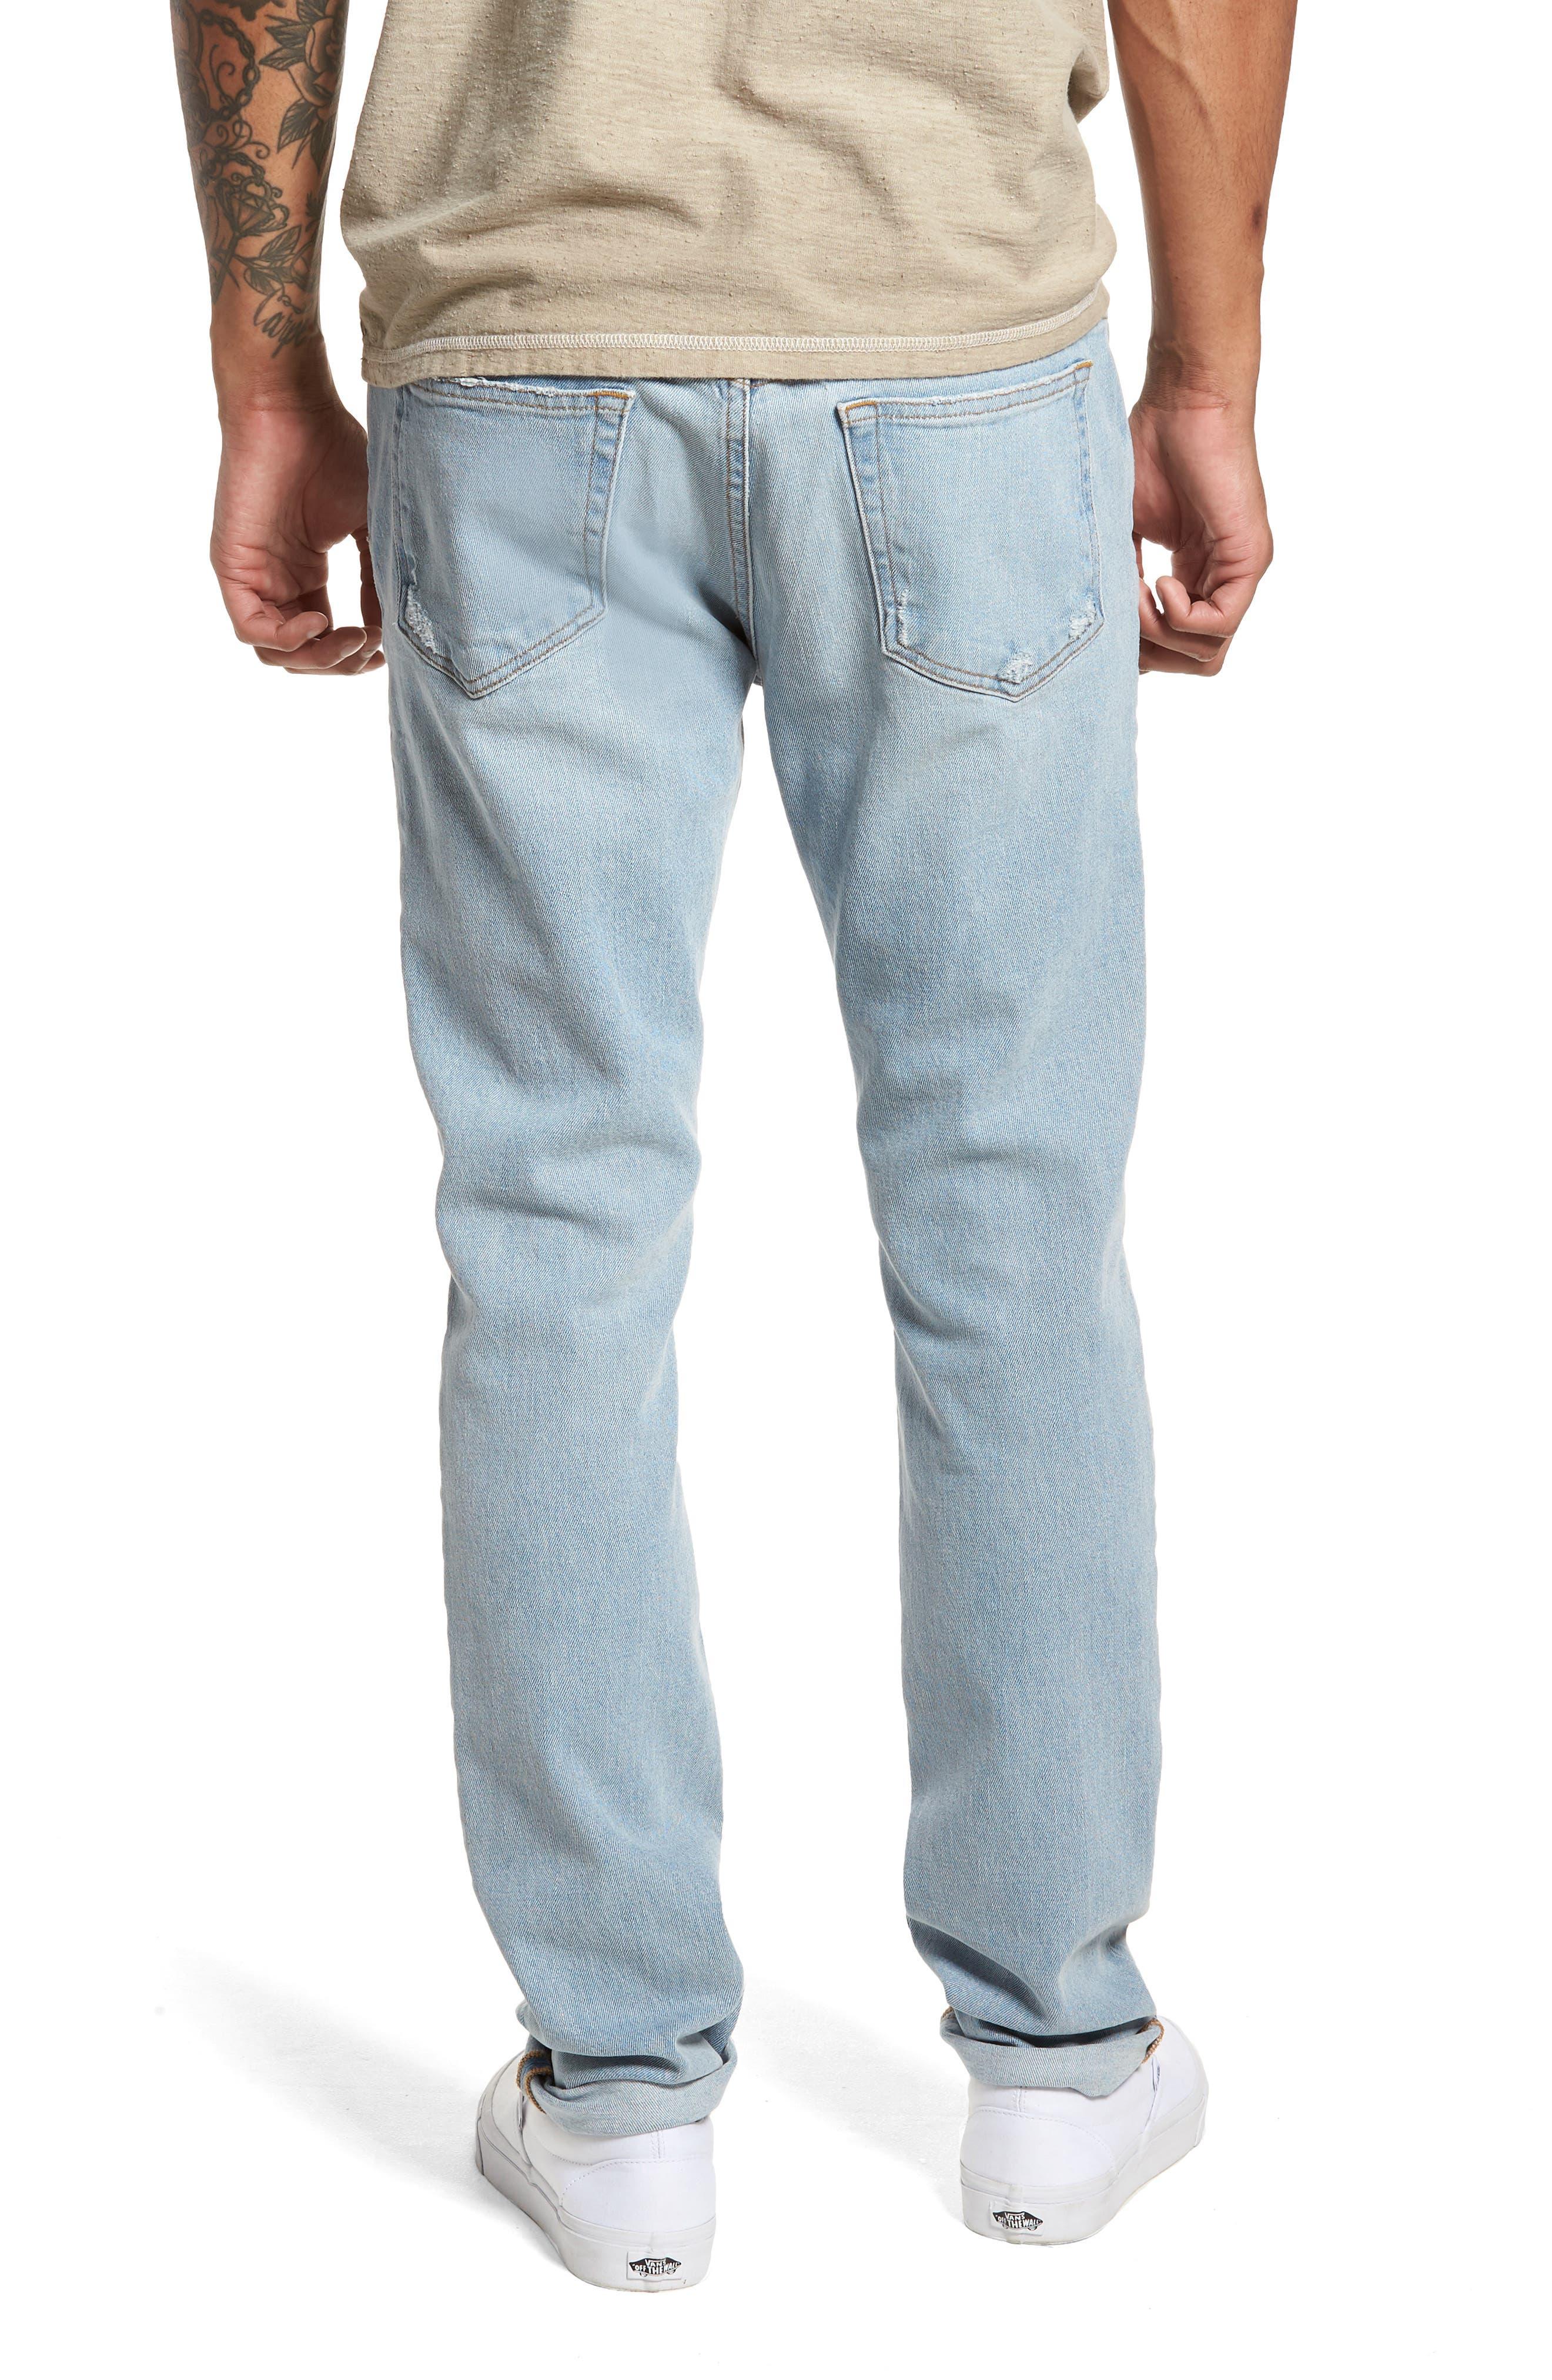 L'Homme Skinny Fit Jeans,                             Alternate thumbnail 2, color,                             Arnett